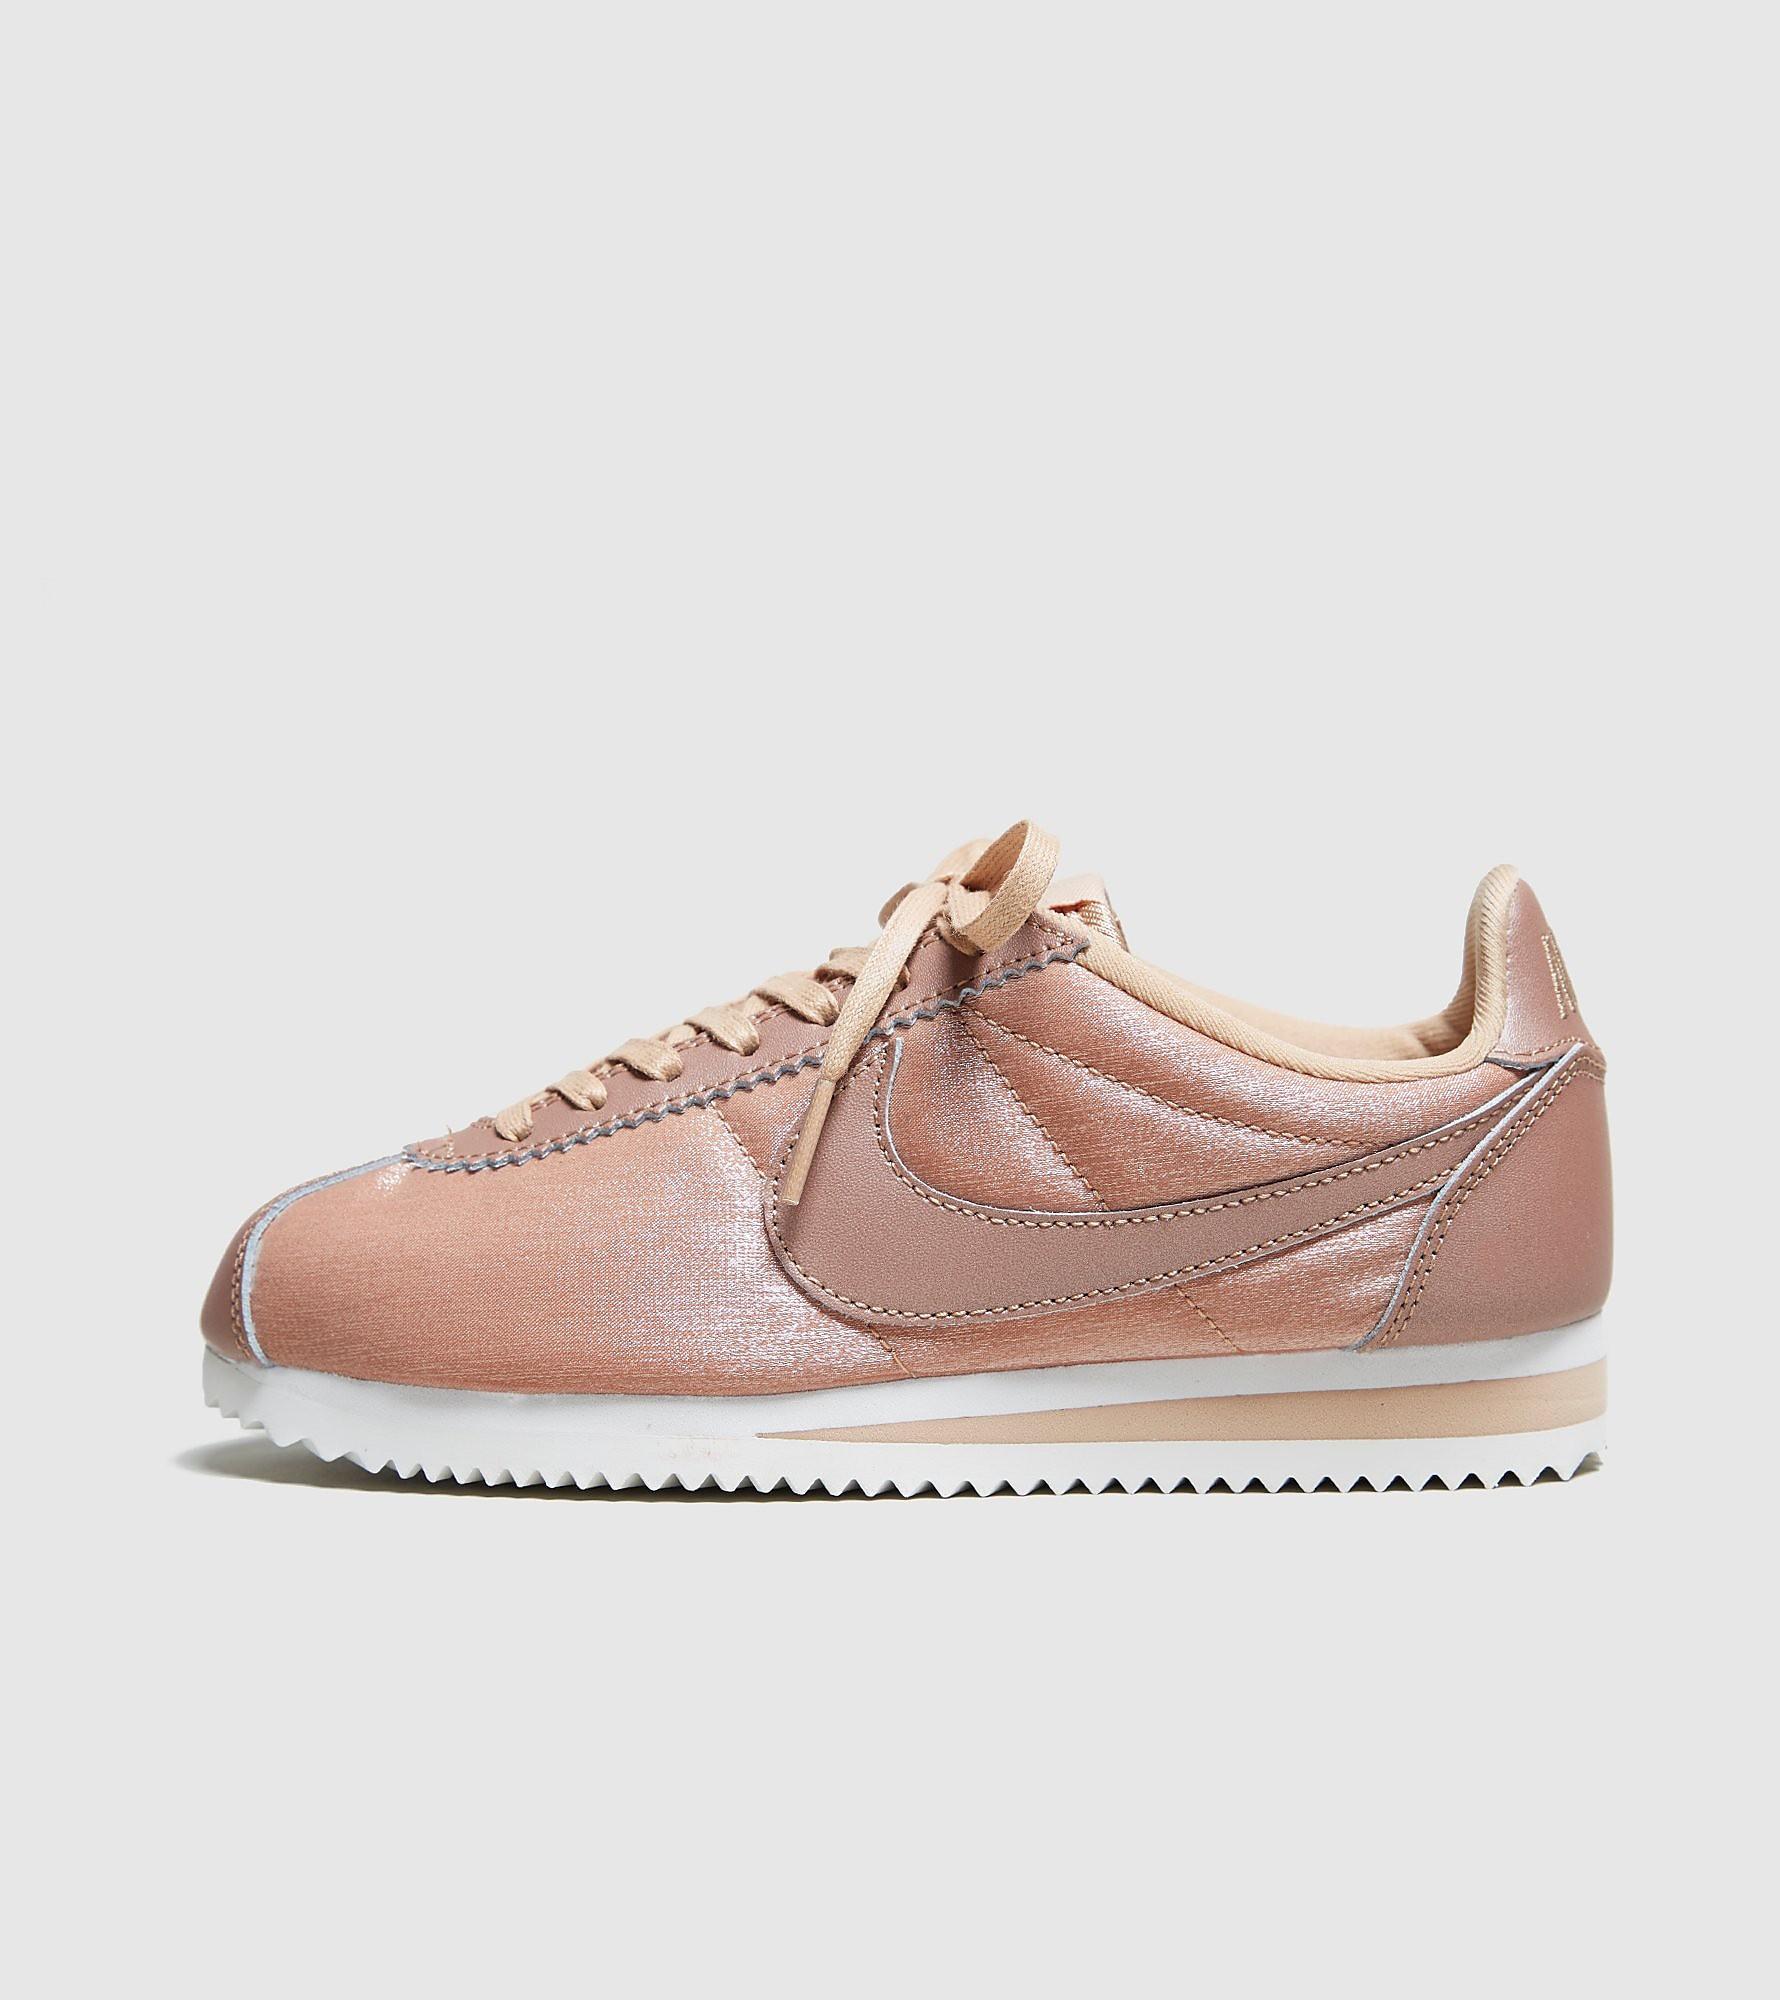 Nike Cortez PRM Women's